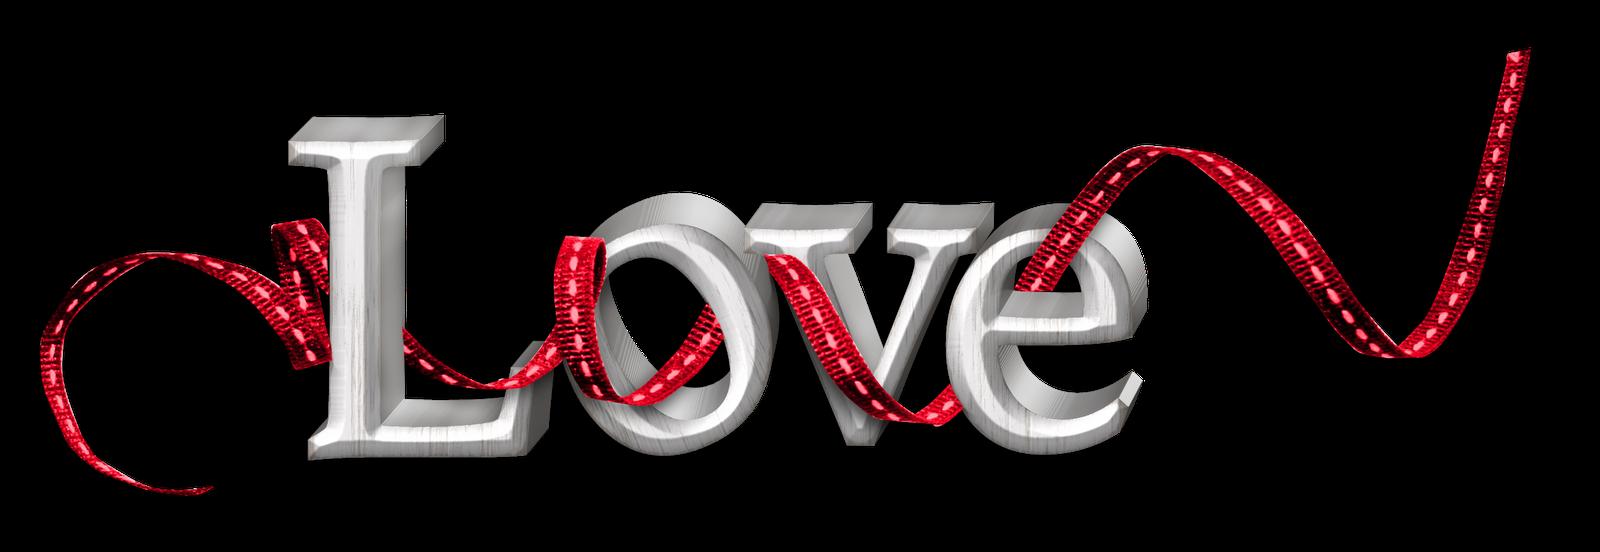 Love Effect Wallpaper : Mundo dos PNG s : Enfeites para BG !! Tudo em PNG